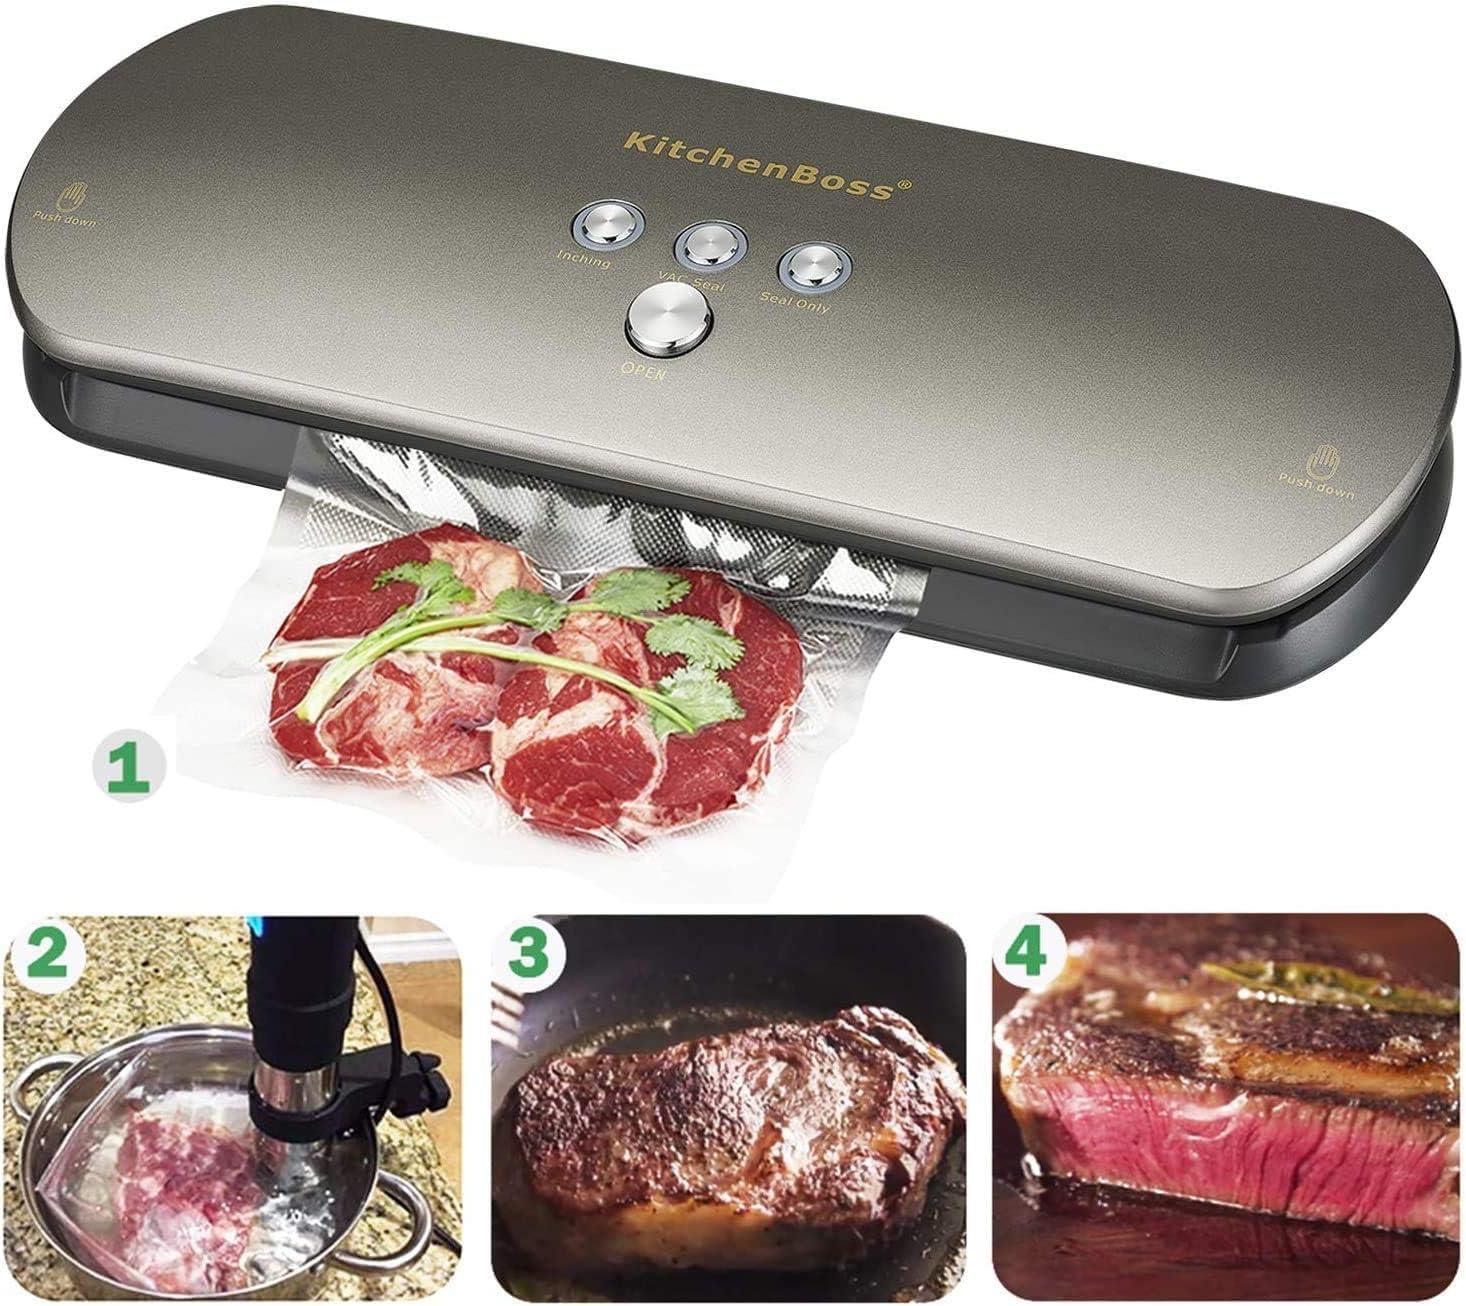 KitchenBoss Bolsas de Vacío Profesional 6 Rolls 20x500cm y 28 * 500cm con Caja de Corte (No Más Tijeras) para Almacenaje de Alimentos, Sous Vide ...